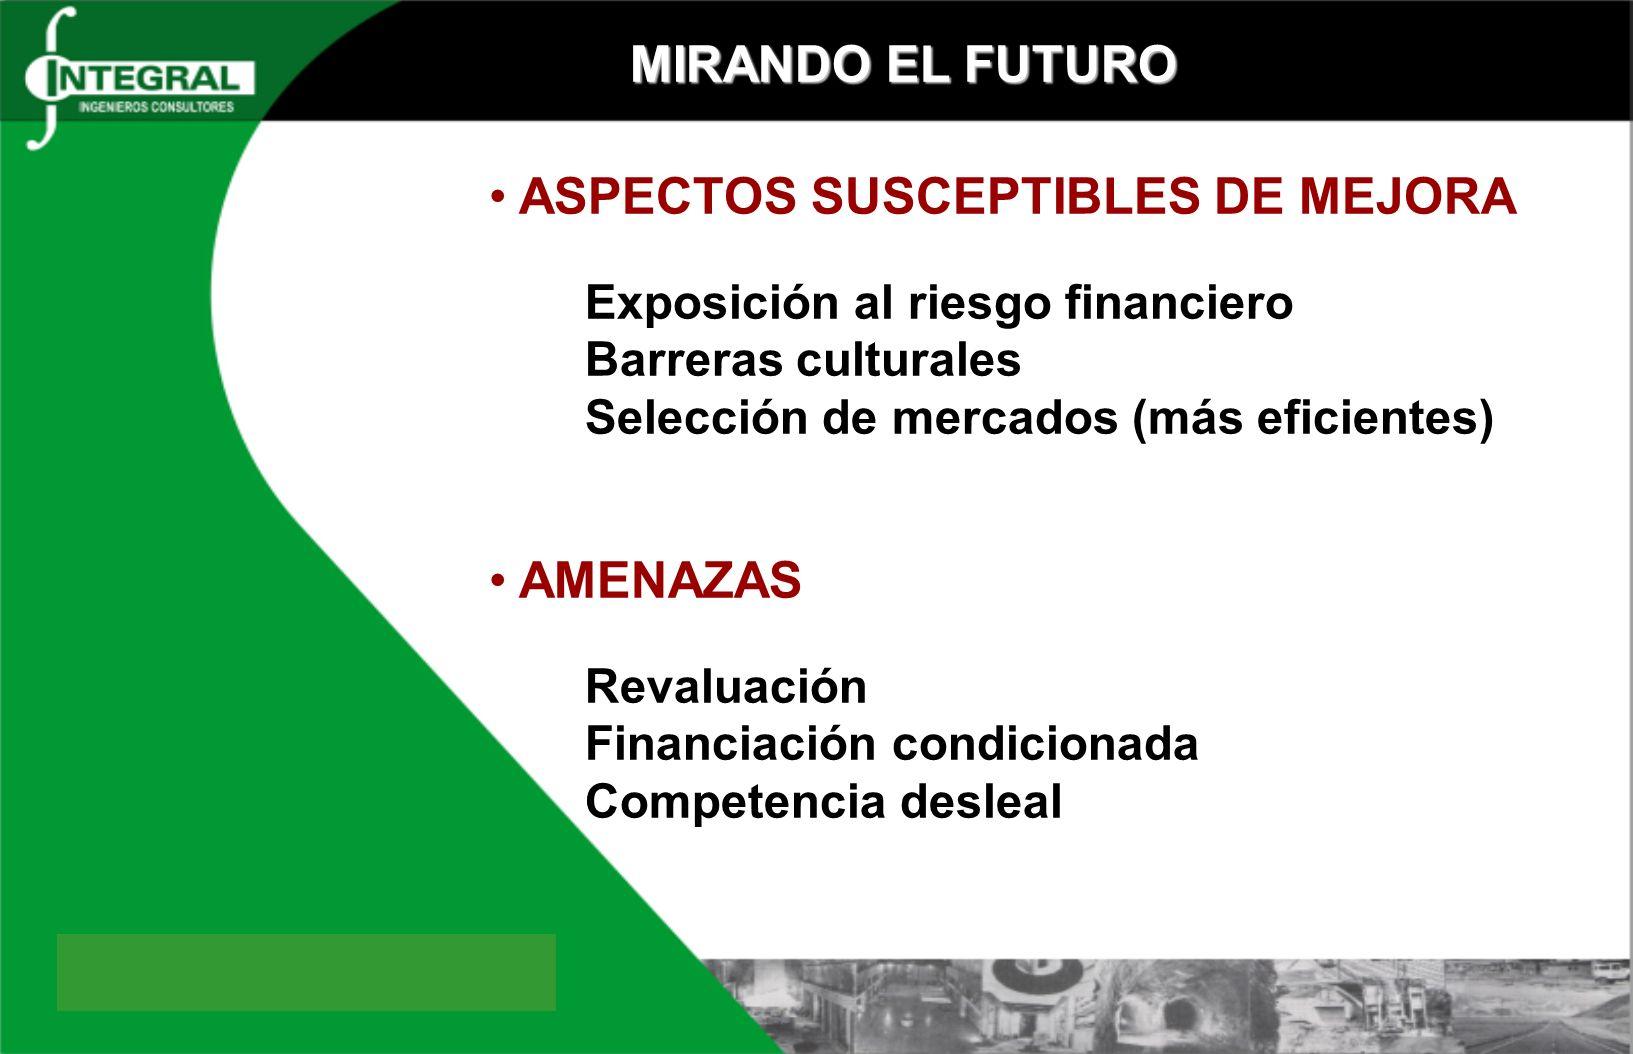 ASPECTOS SUSCEPTIBLES DE MEJORA